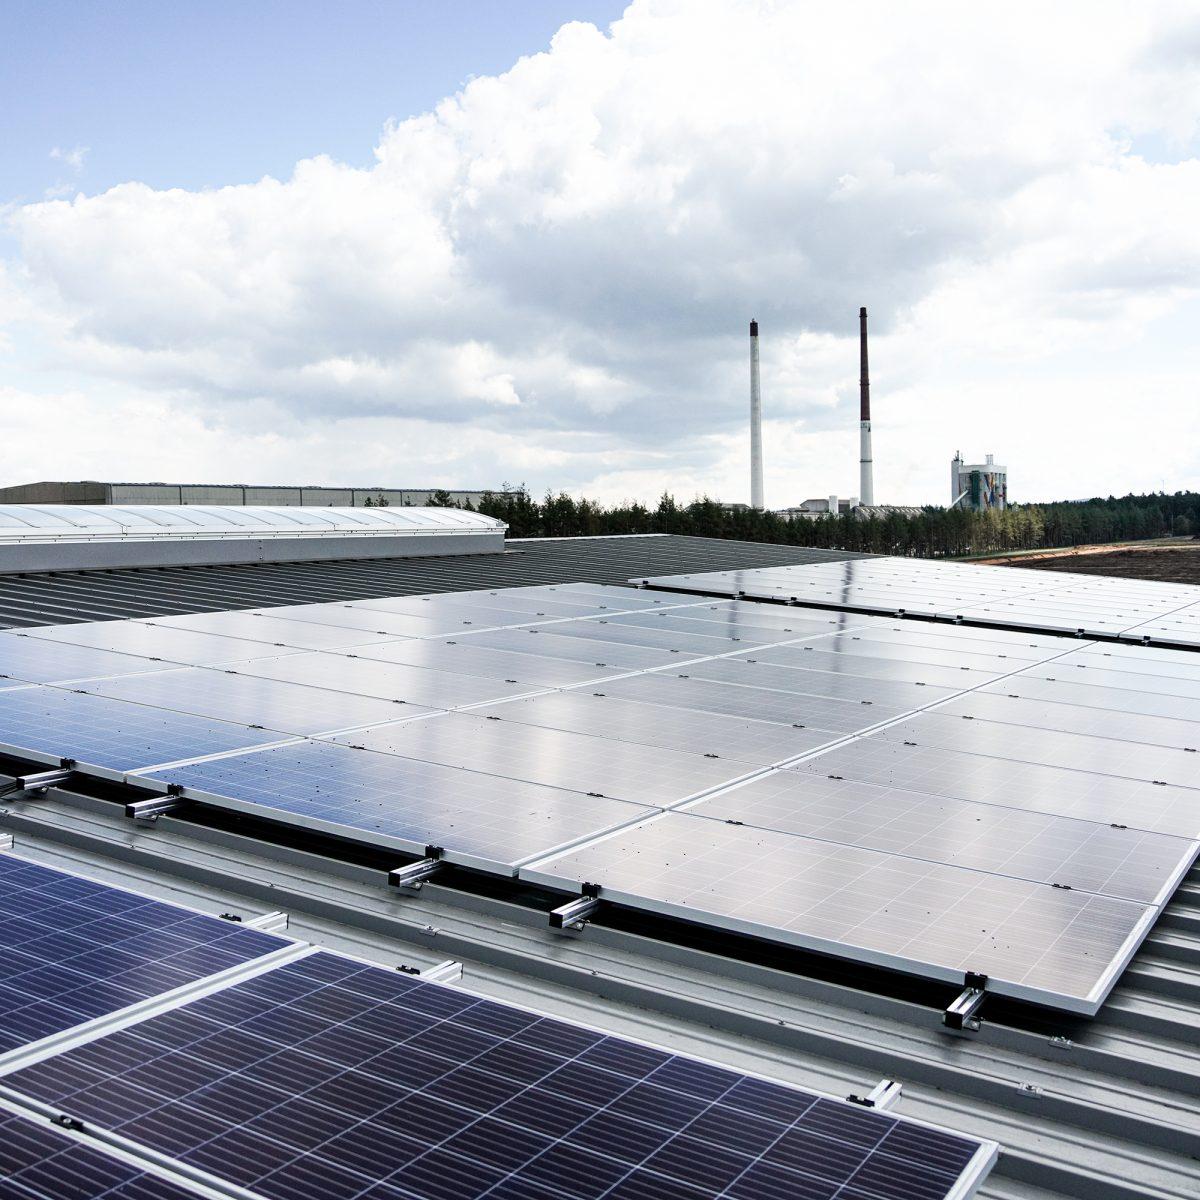 Solarmodule auf einem Dach Lager 1